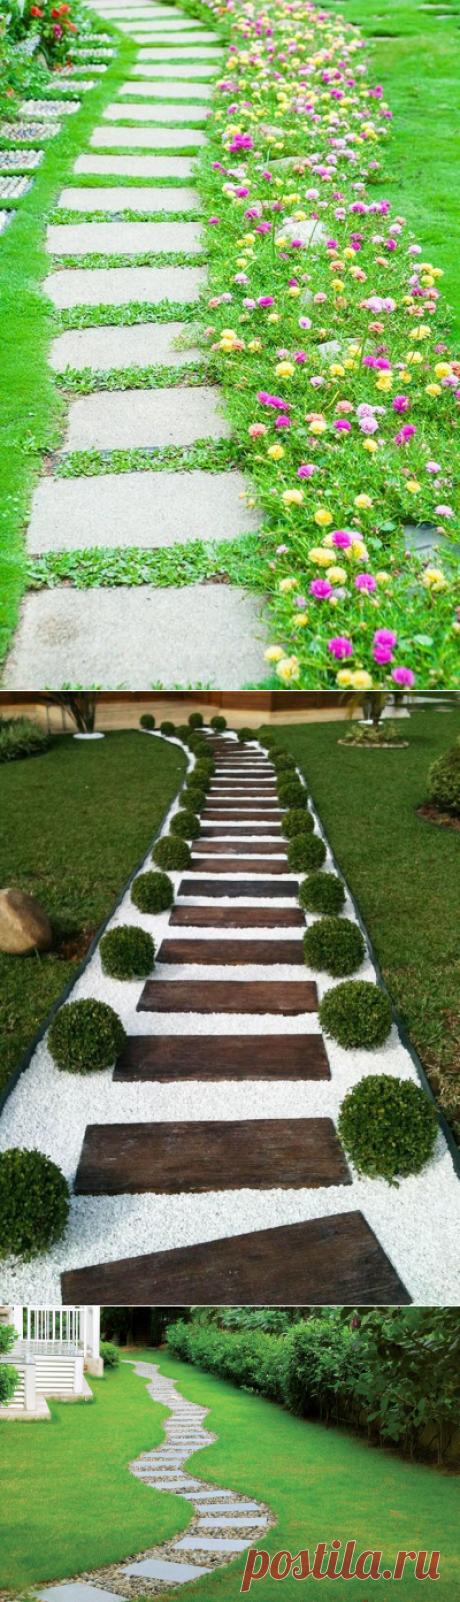 Идеи, как превратить сад в шедевр с помощью оригинальных садовых дорожек — Сделай сам, идеи для творчества - DIY Ideas